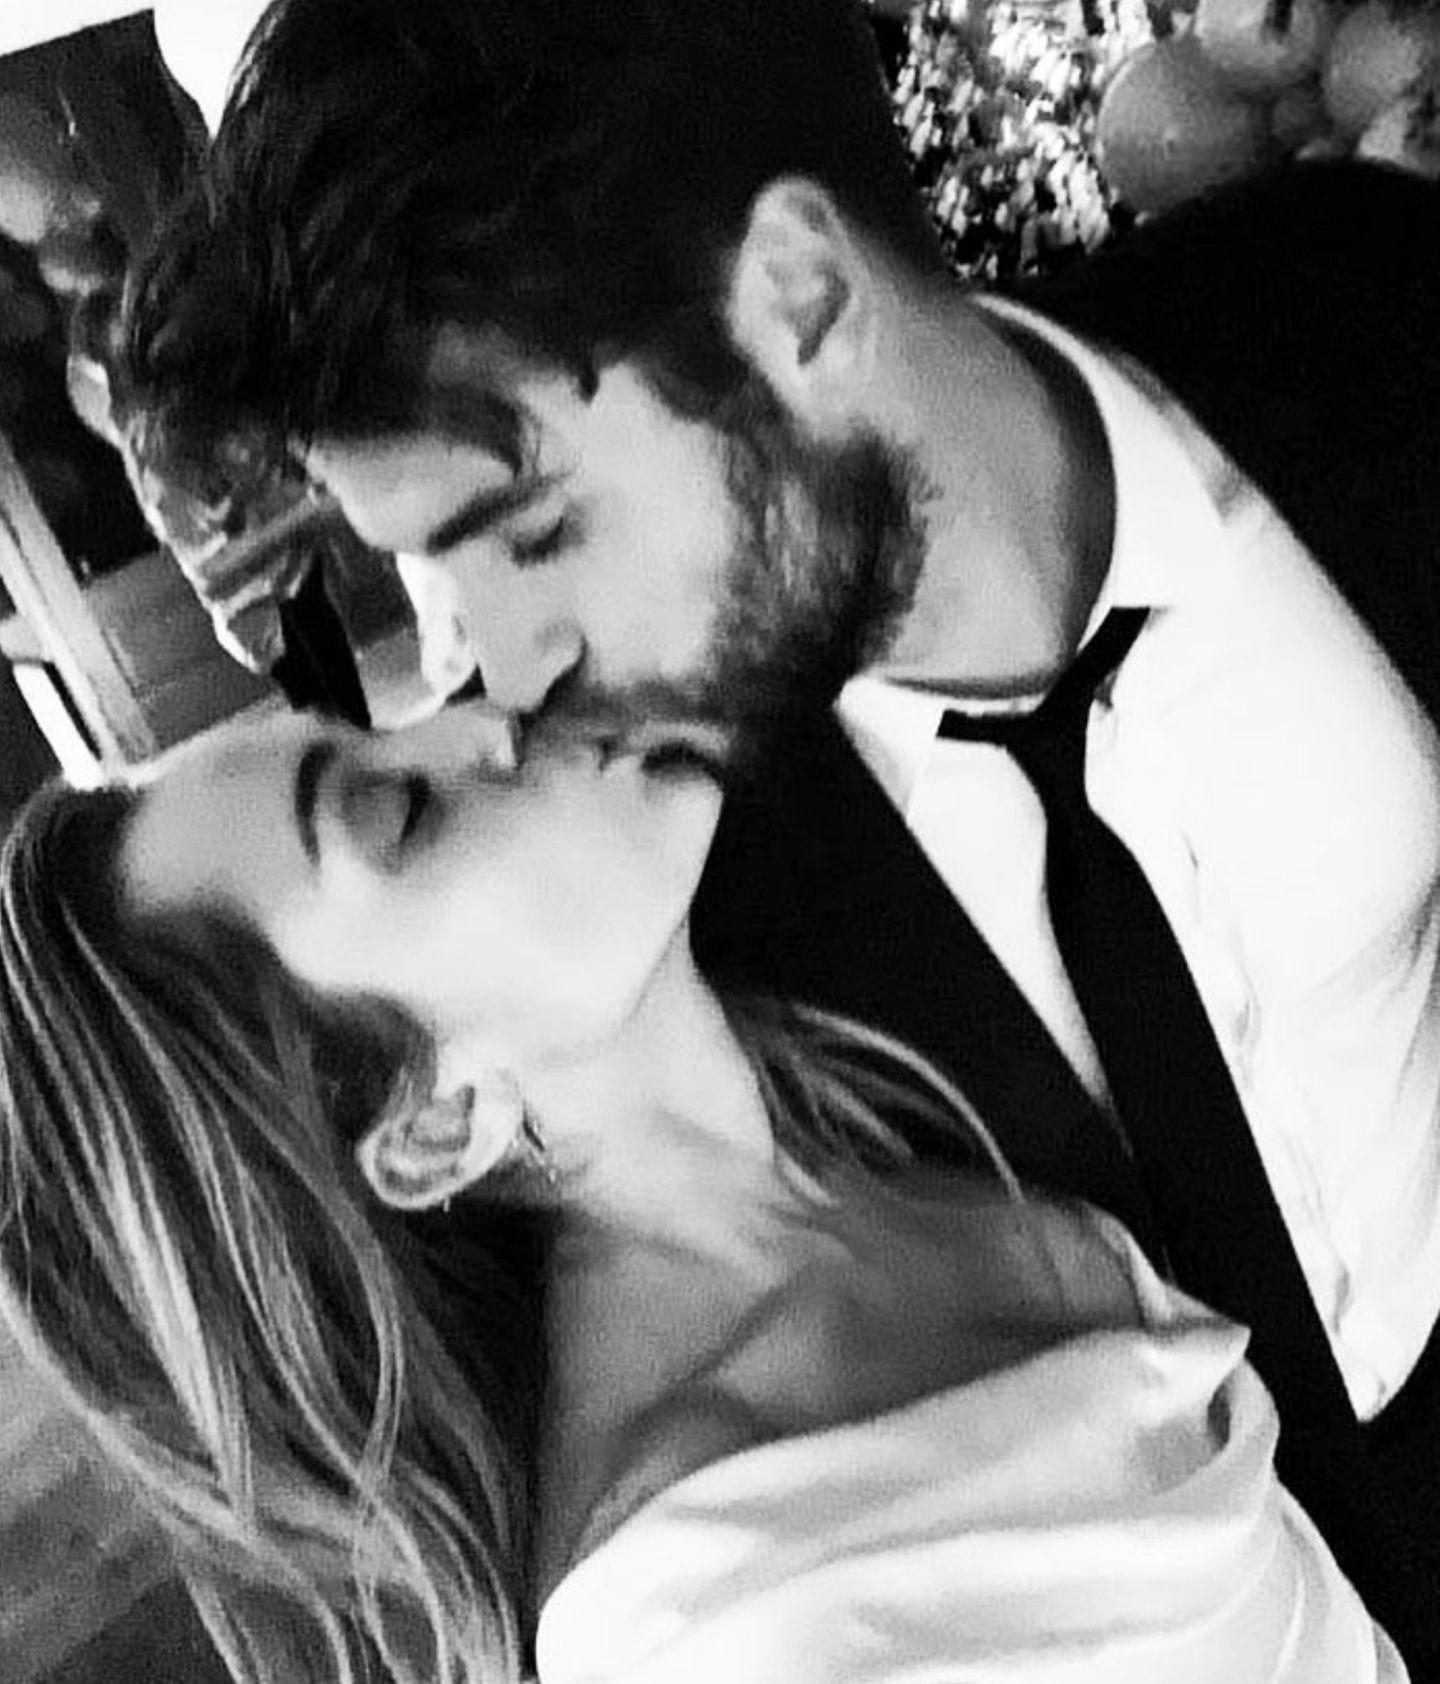 Dezember 2018  Mit diesem Bild bestätigt Miley Cyrusdie heimlicheHochzeit.